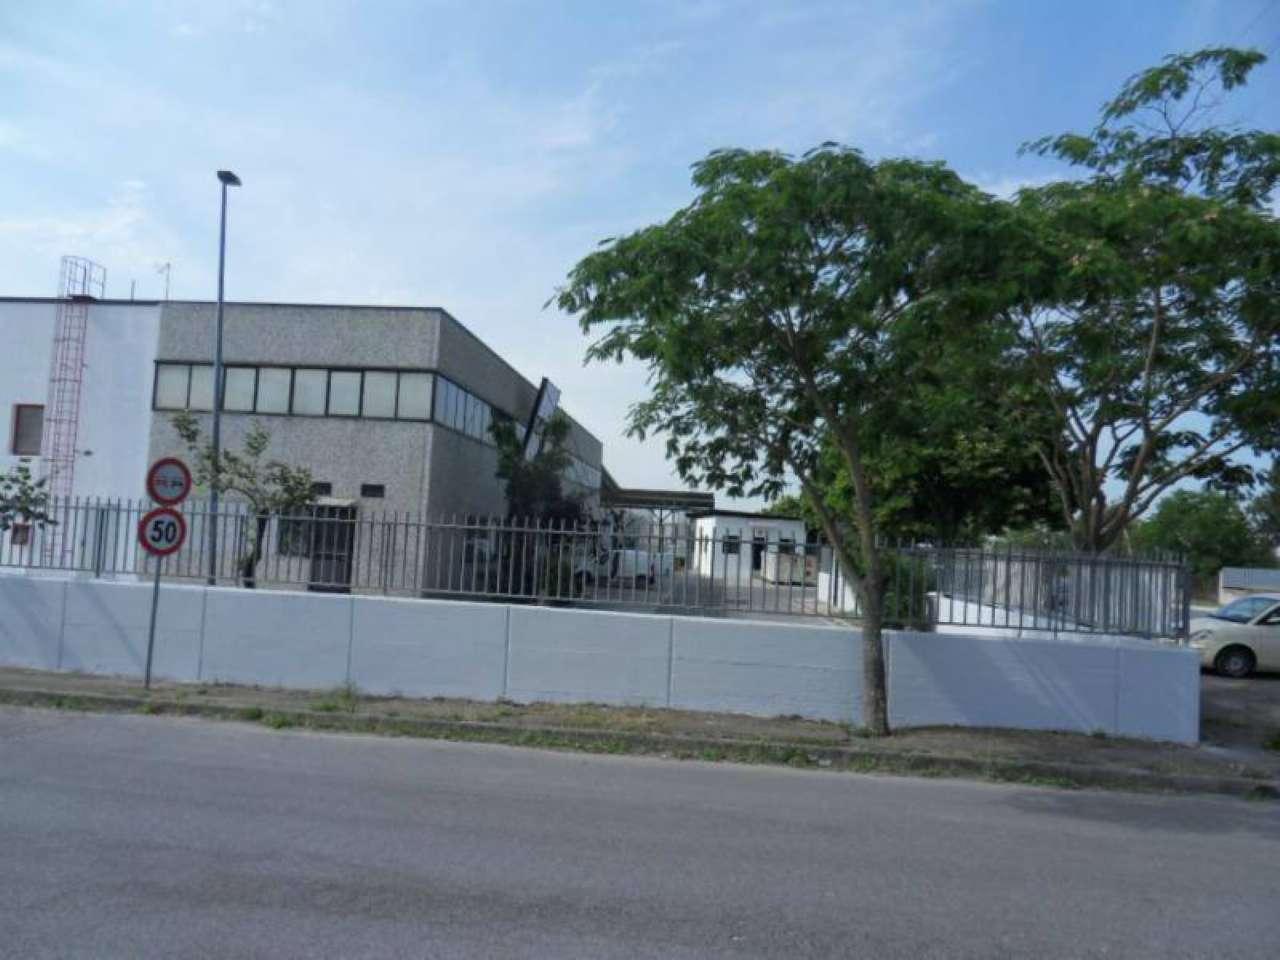 Immobili commerciali in vendita a fiano romano for Immobili commerciali affitto roma